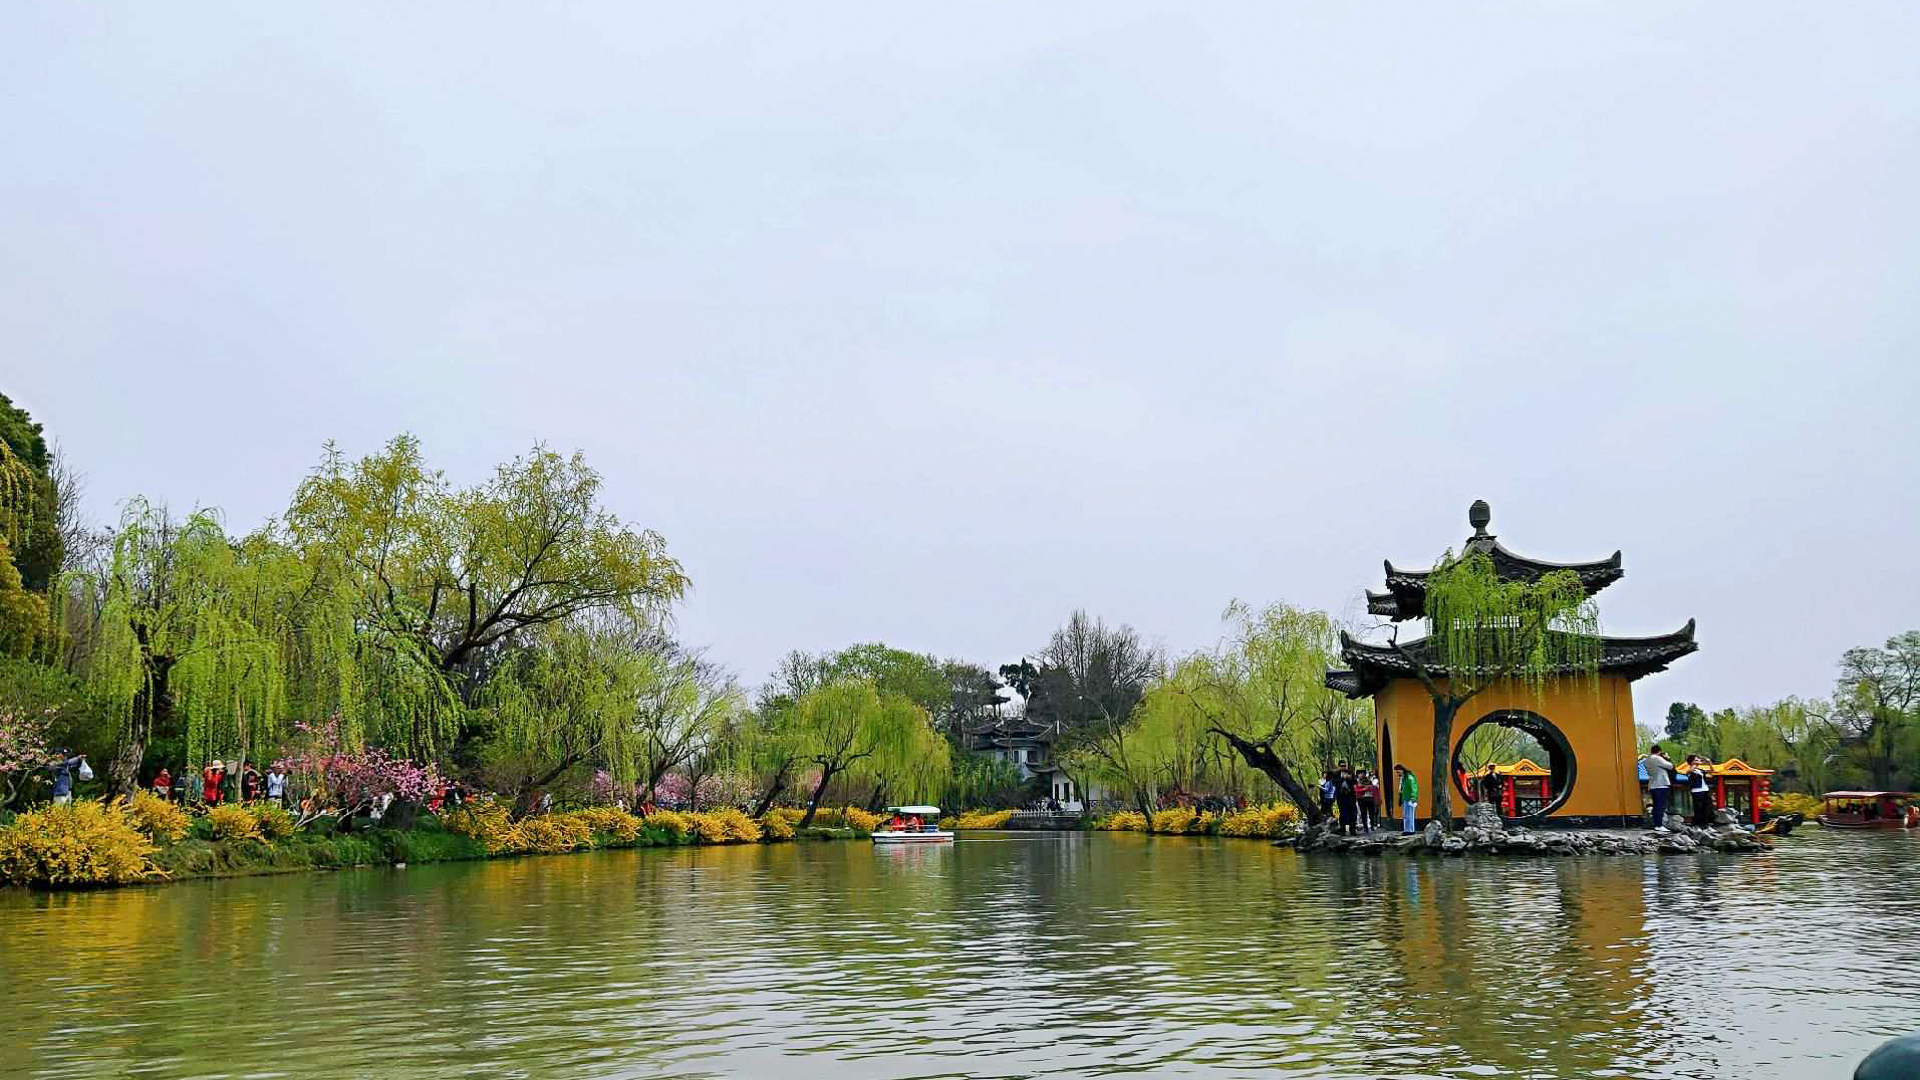 烟花三月下扬州!春天在美丽的瘦西湖游玩风景真是如画